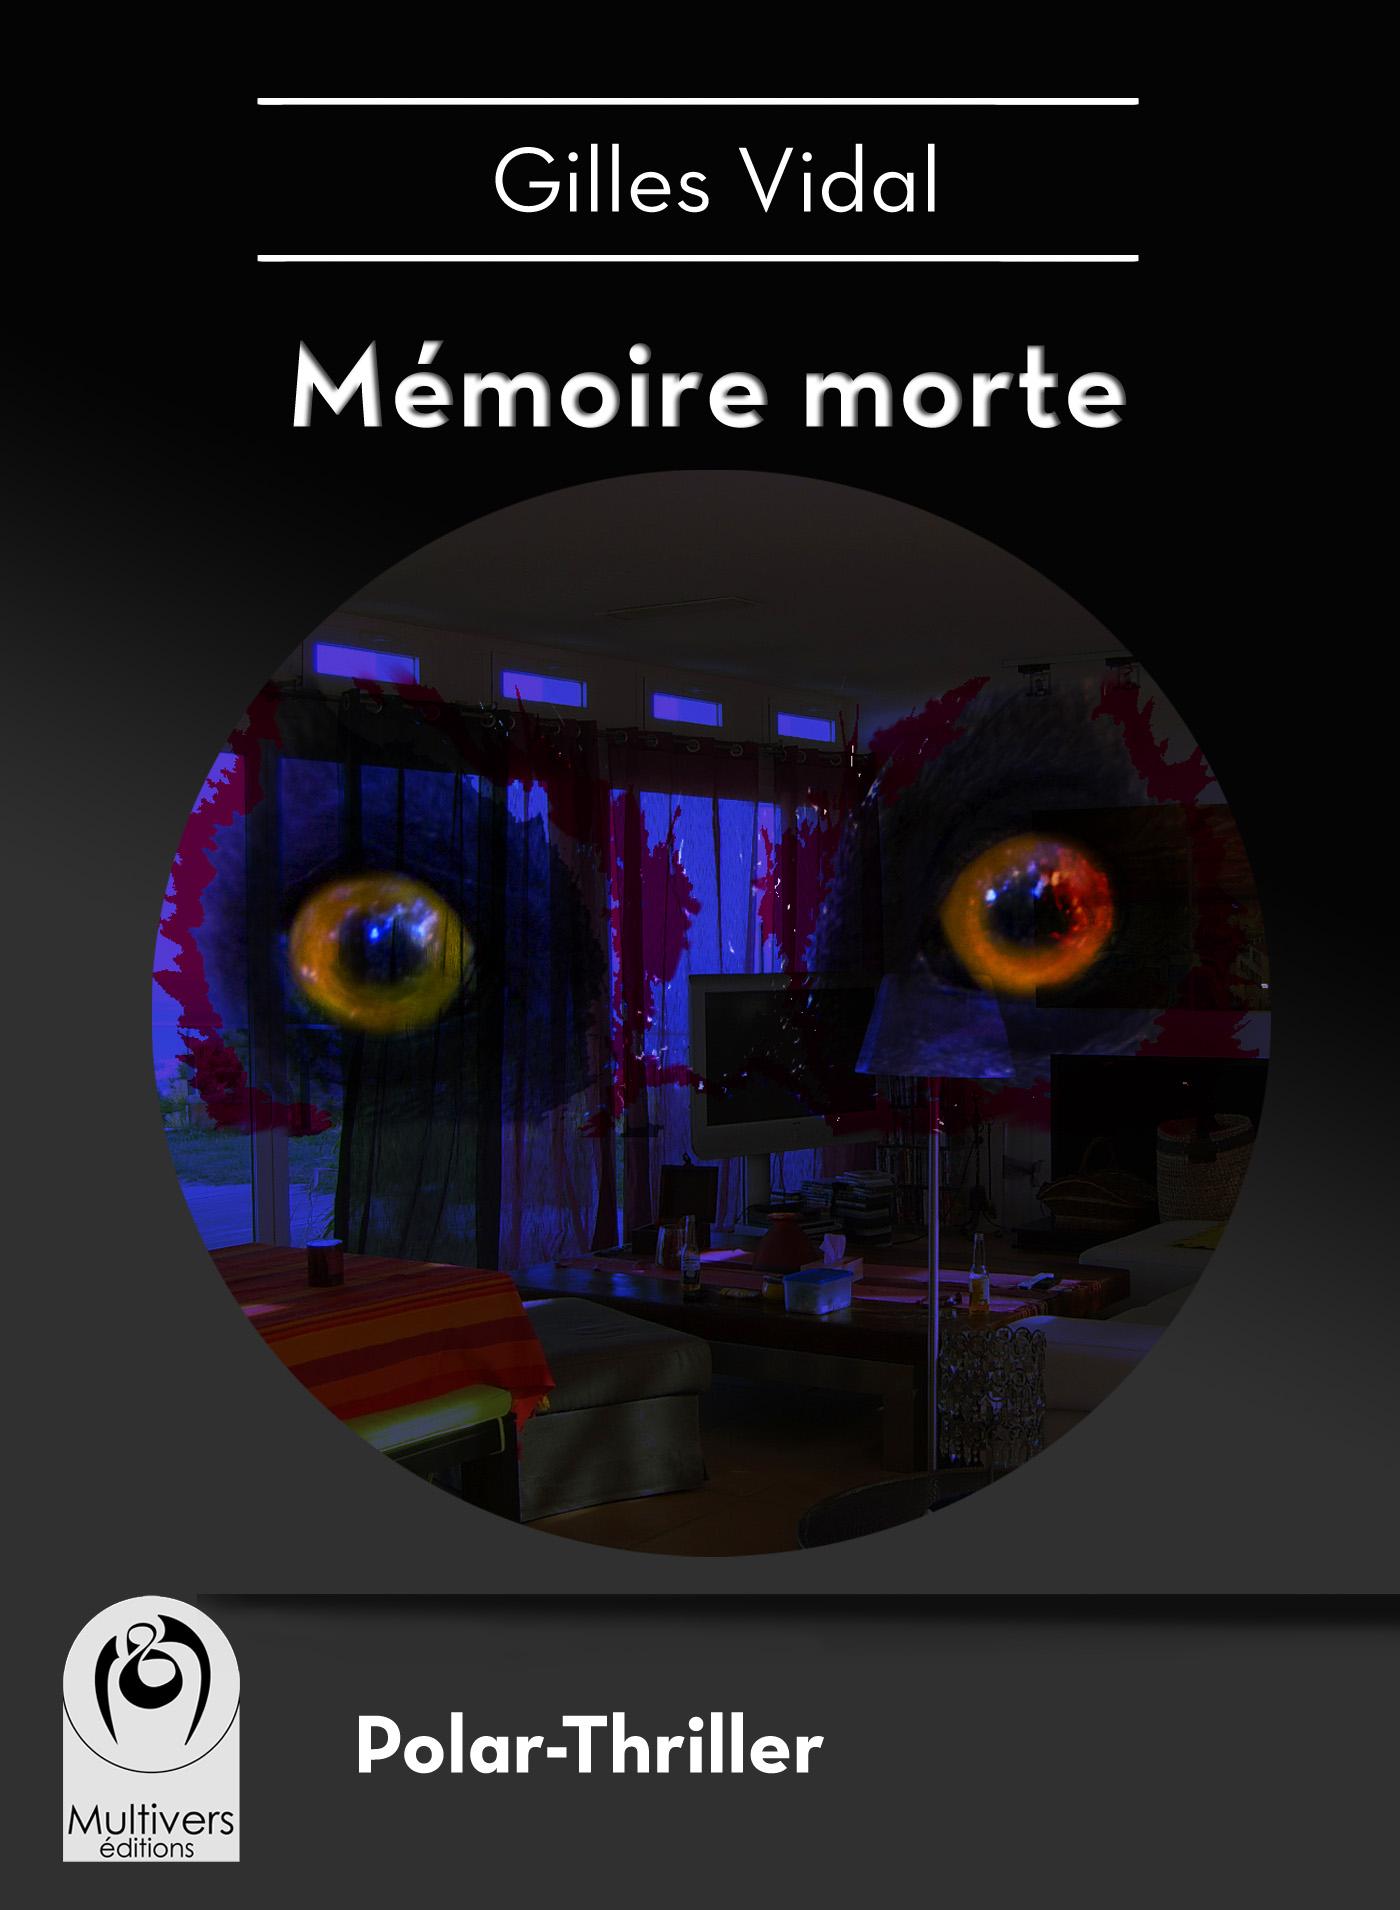 Mémoire morte